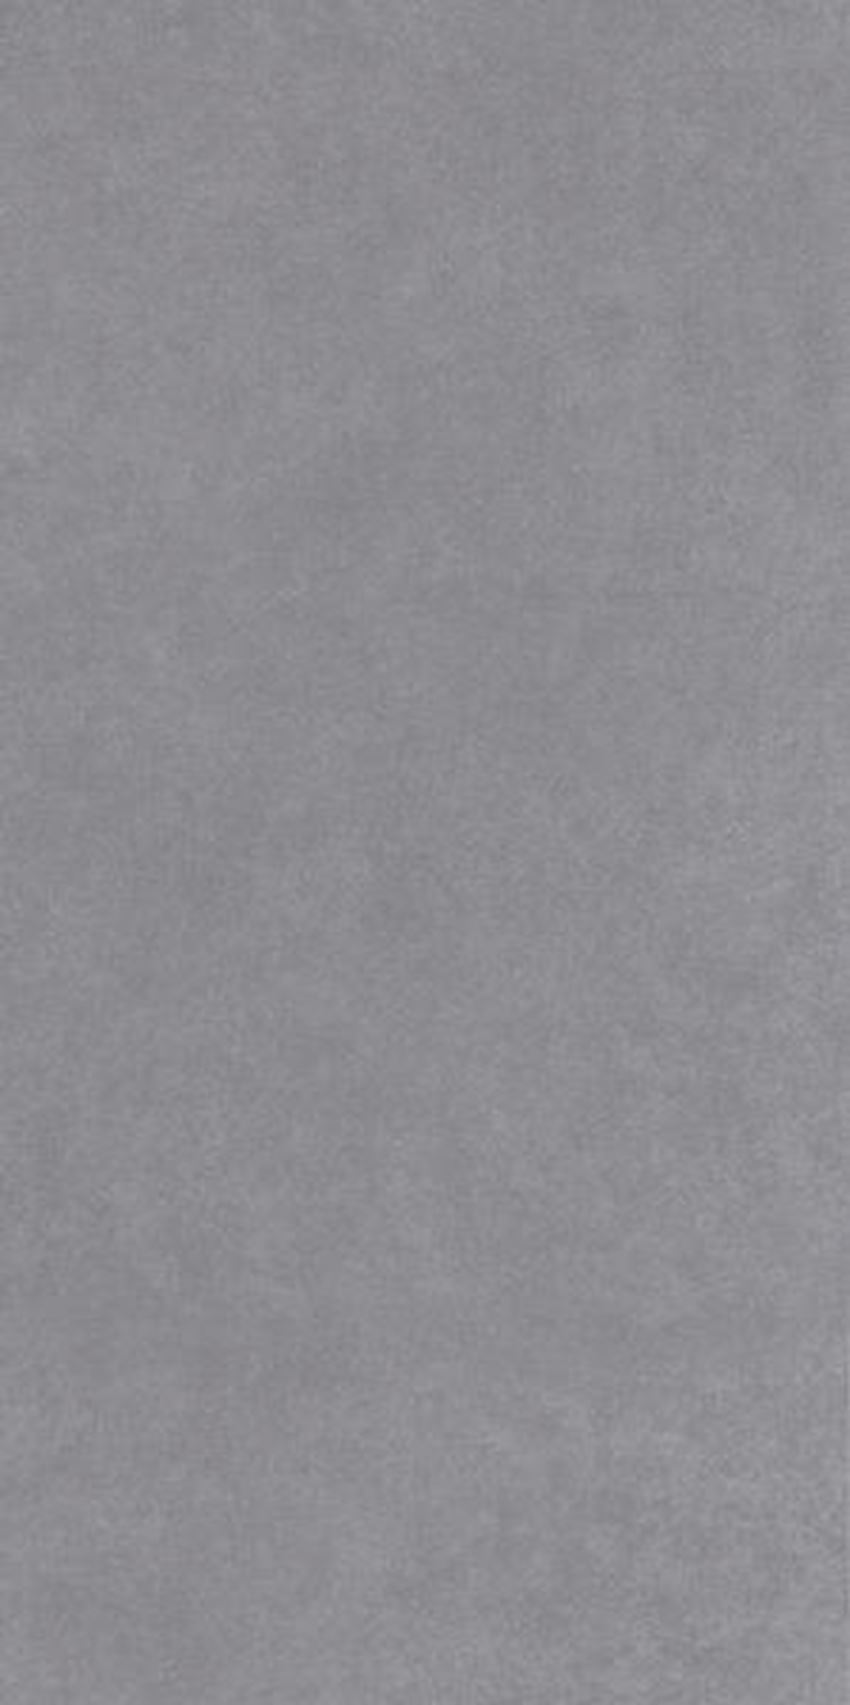 Płytka ścienno-podłogowa 29,8x59,8cm Paradyż Tero Grafit Gres Rekt. Półpoler